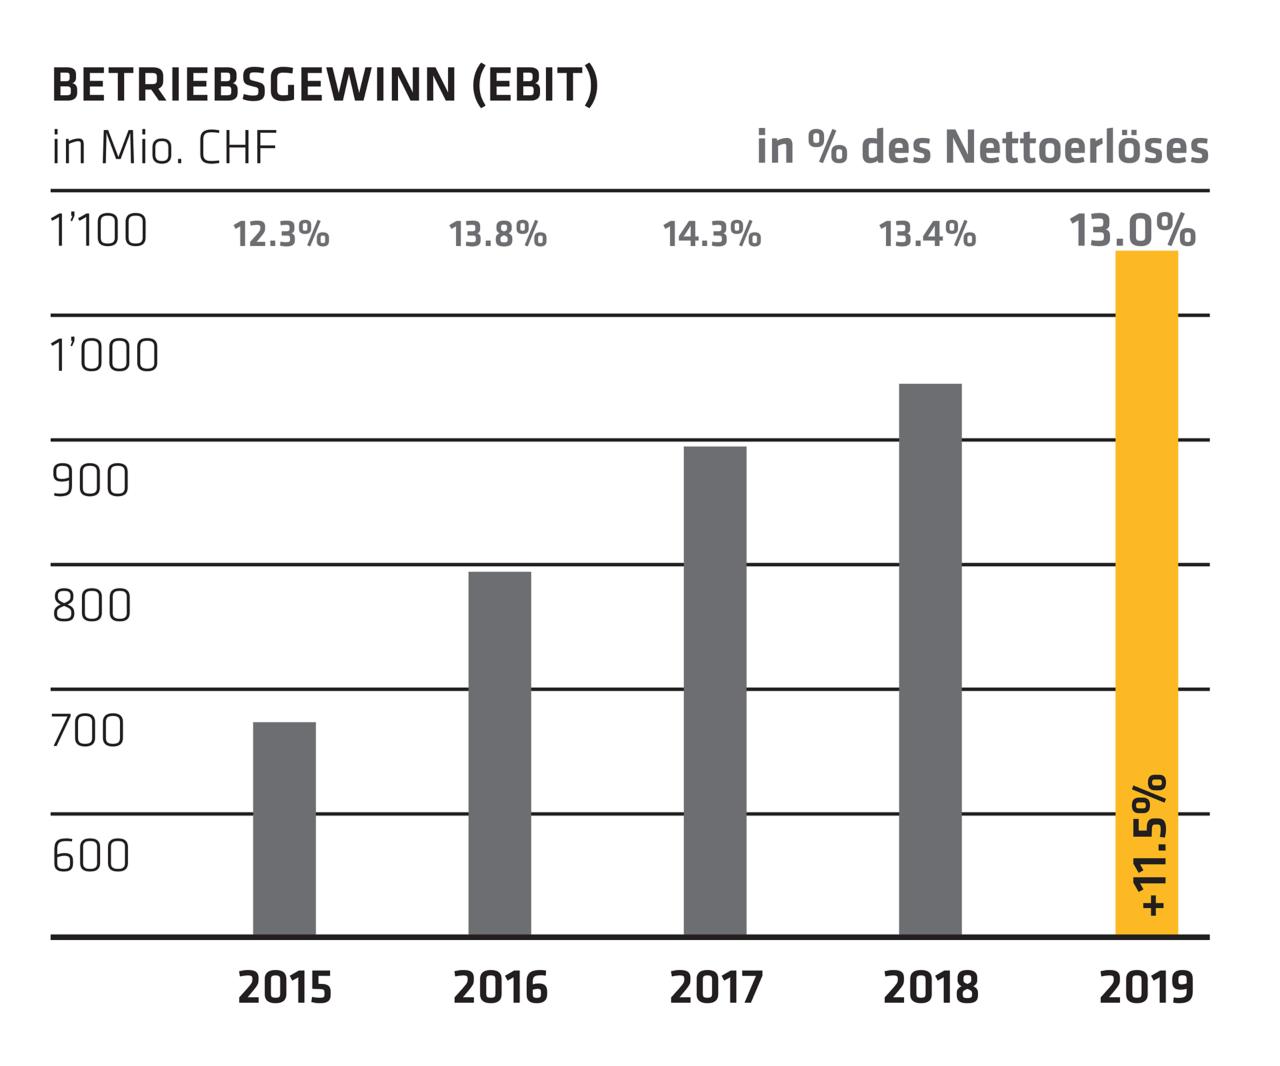 Betriebsgewinn (EBIT) - Jahresbericht 2019